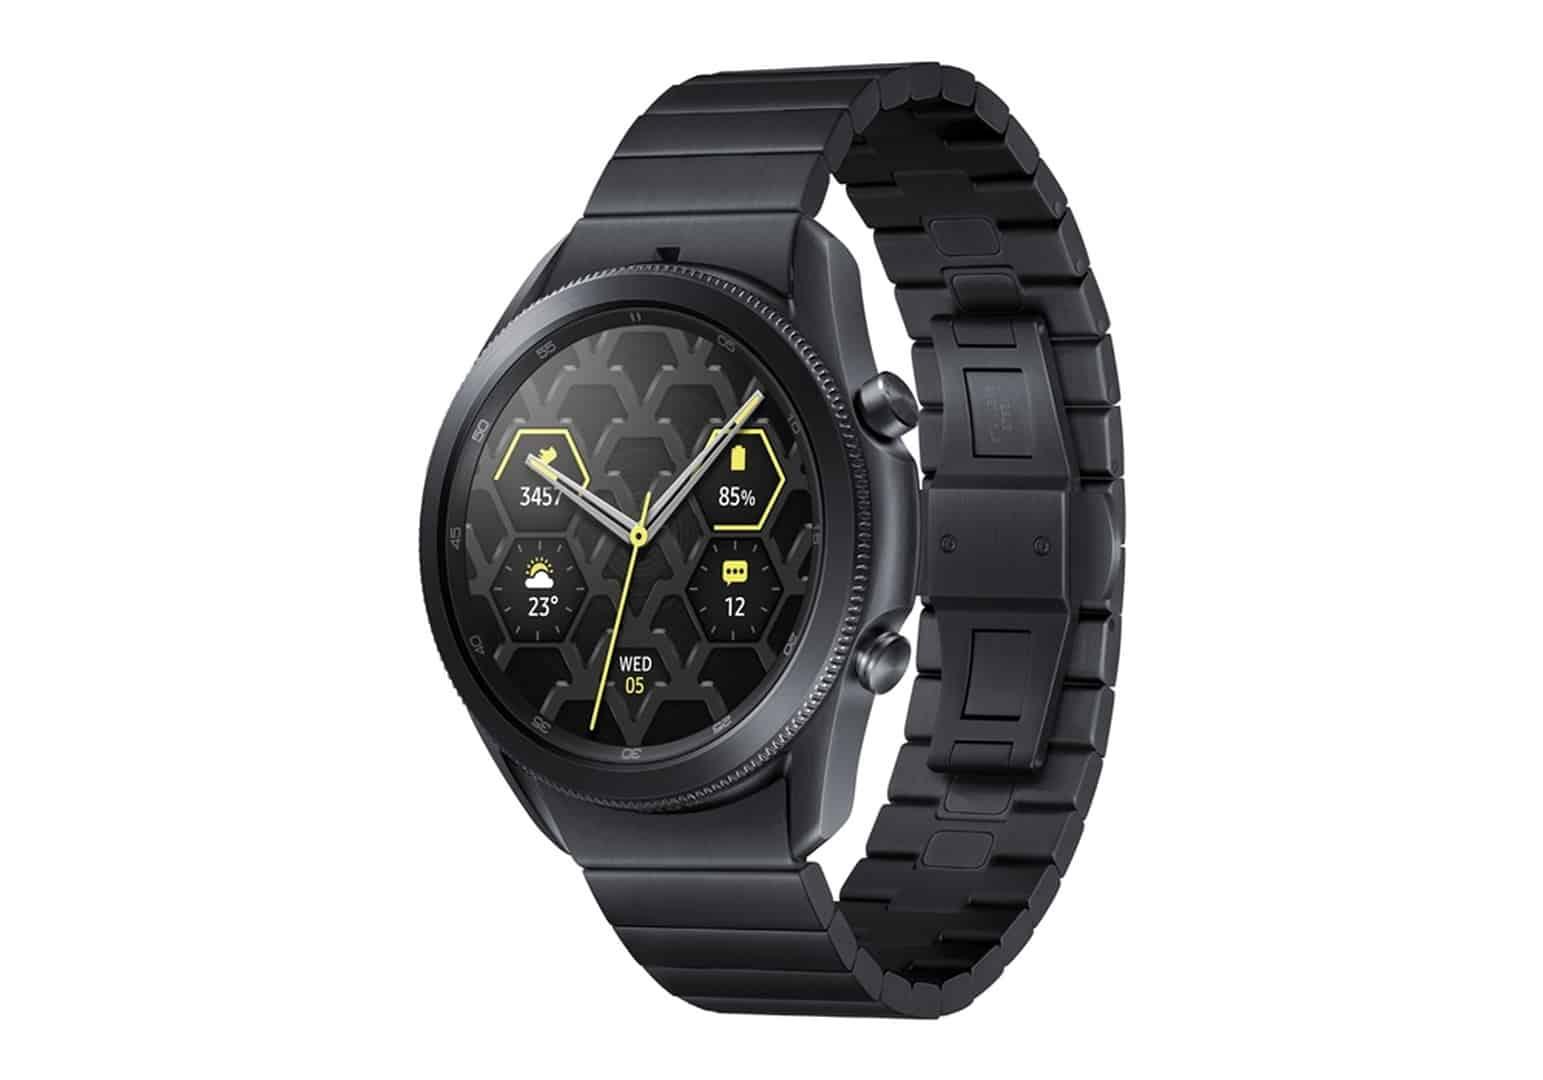 Samsung Galaxy Watch 3 titanium featured